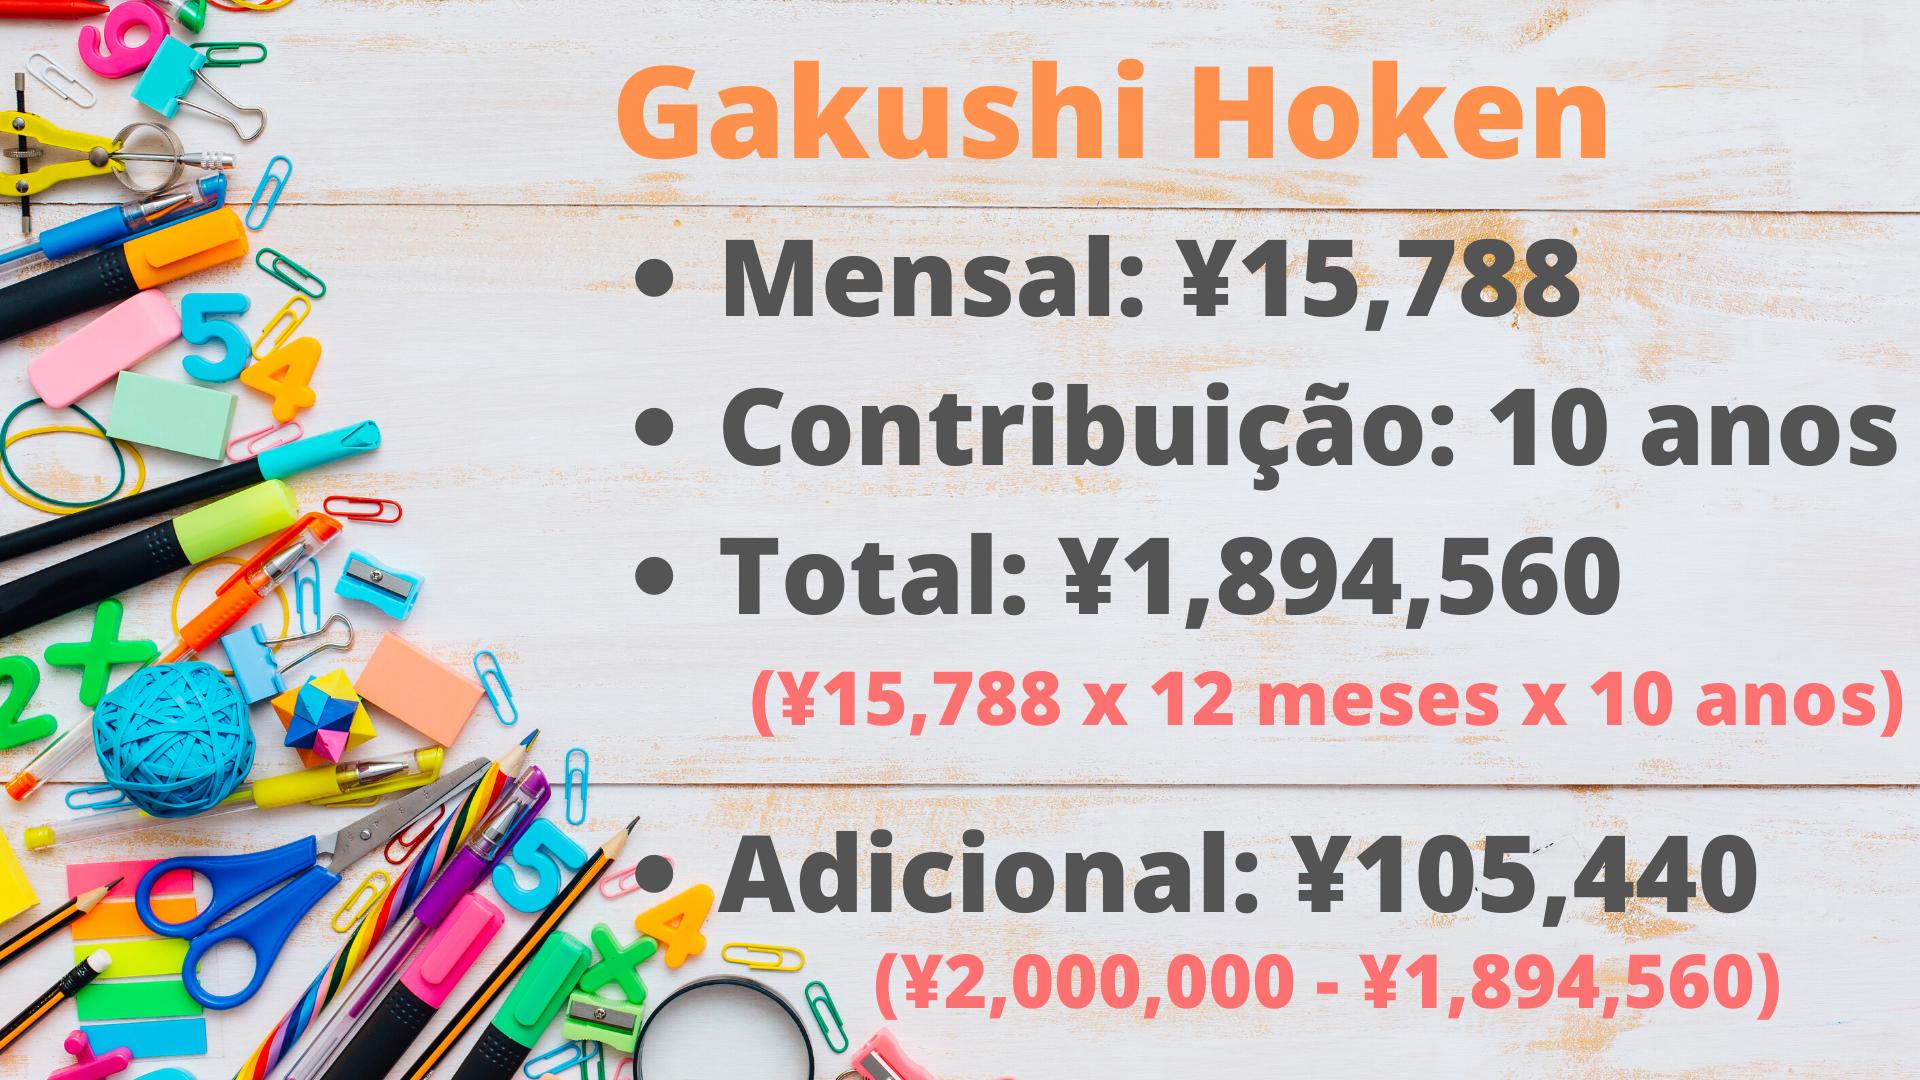 Gakushi Hoken